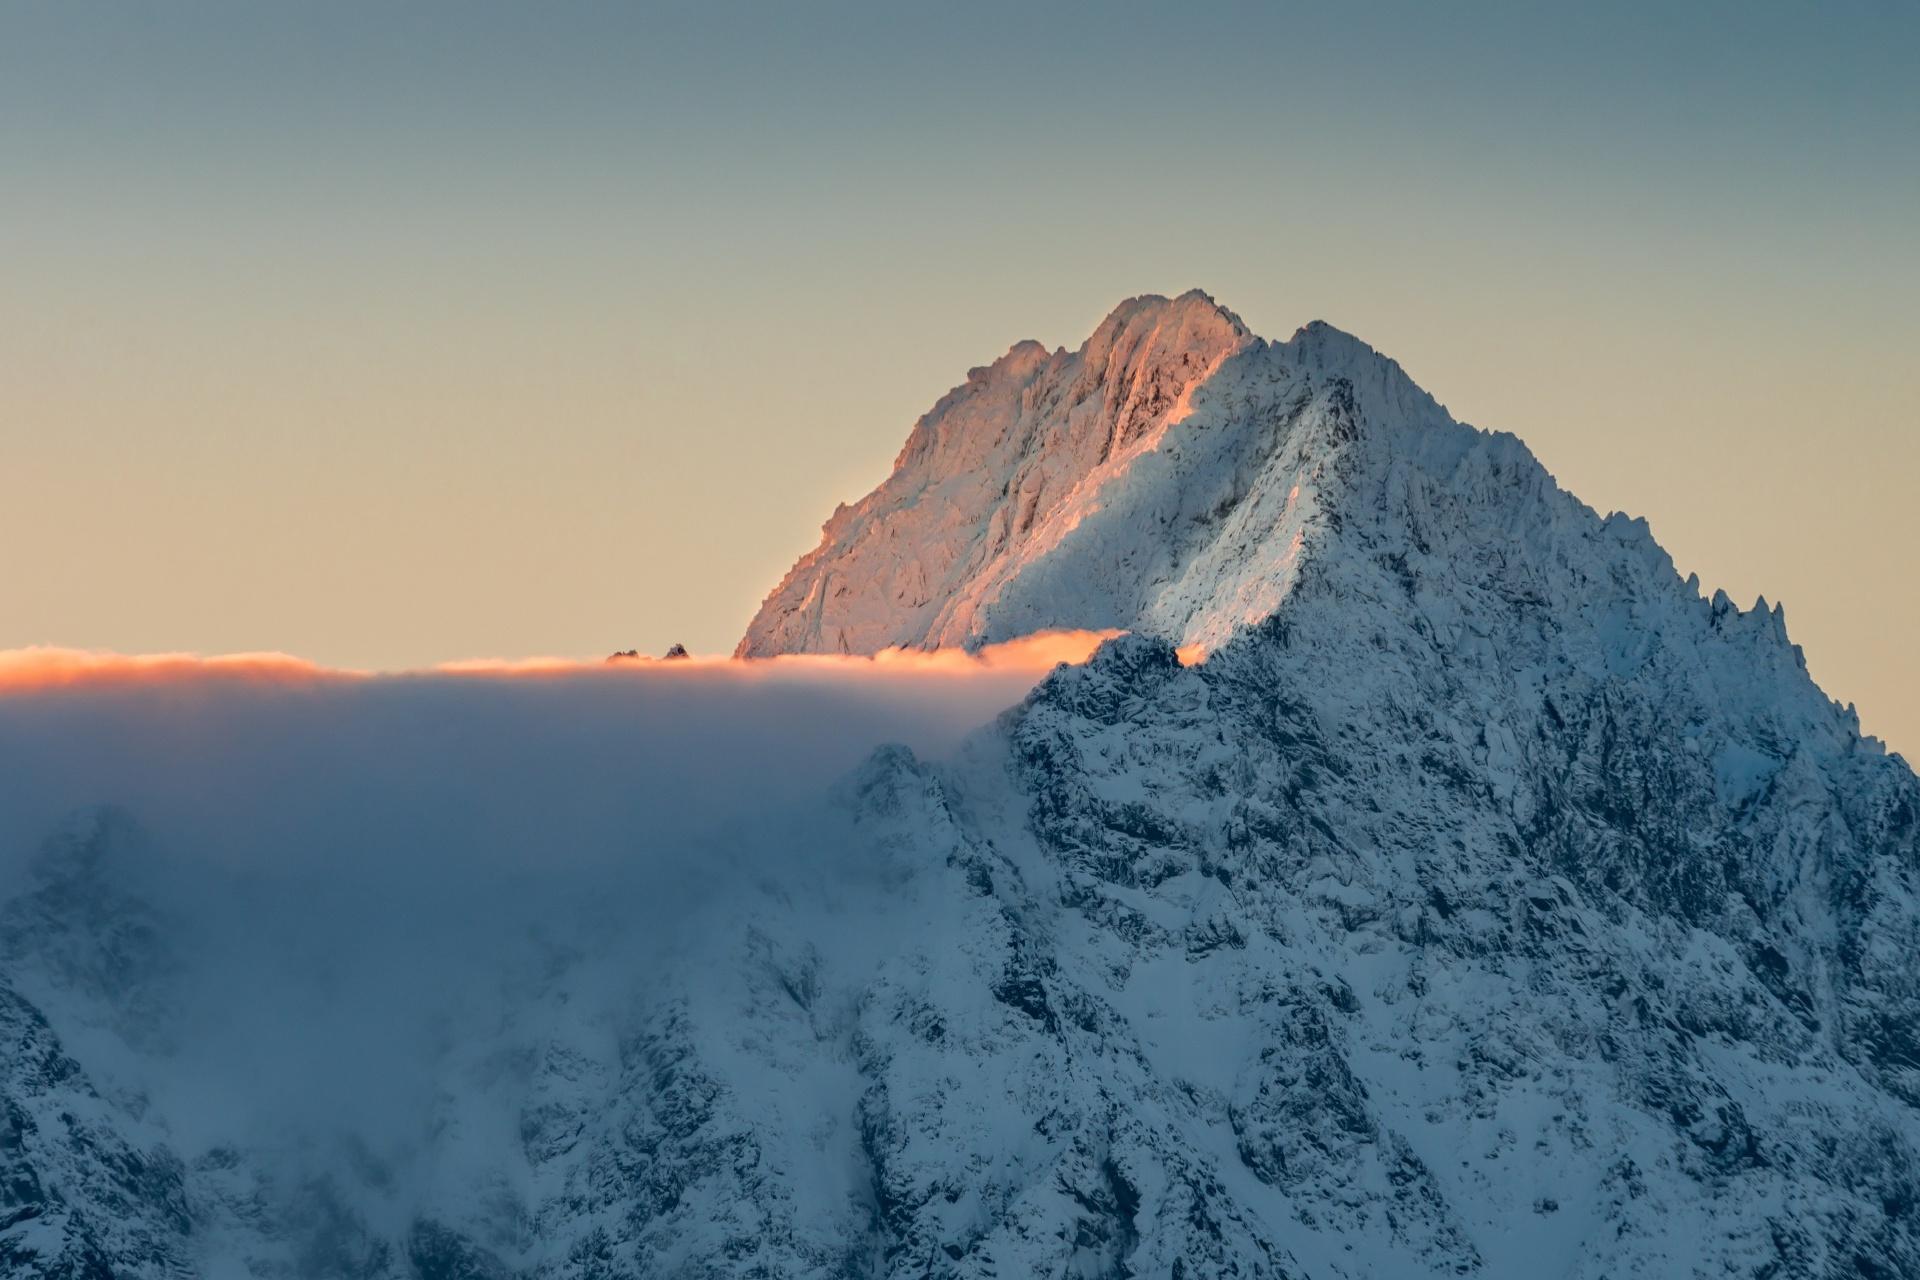 ゲルラホウスキー山の冬の朝 スロバキアの風景